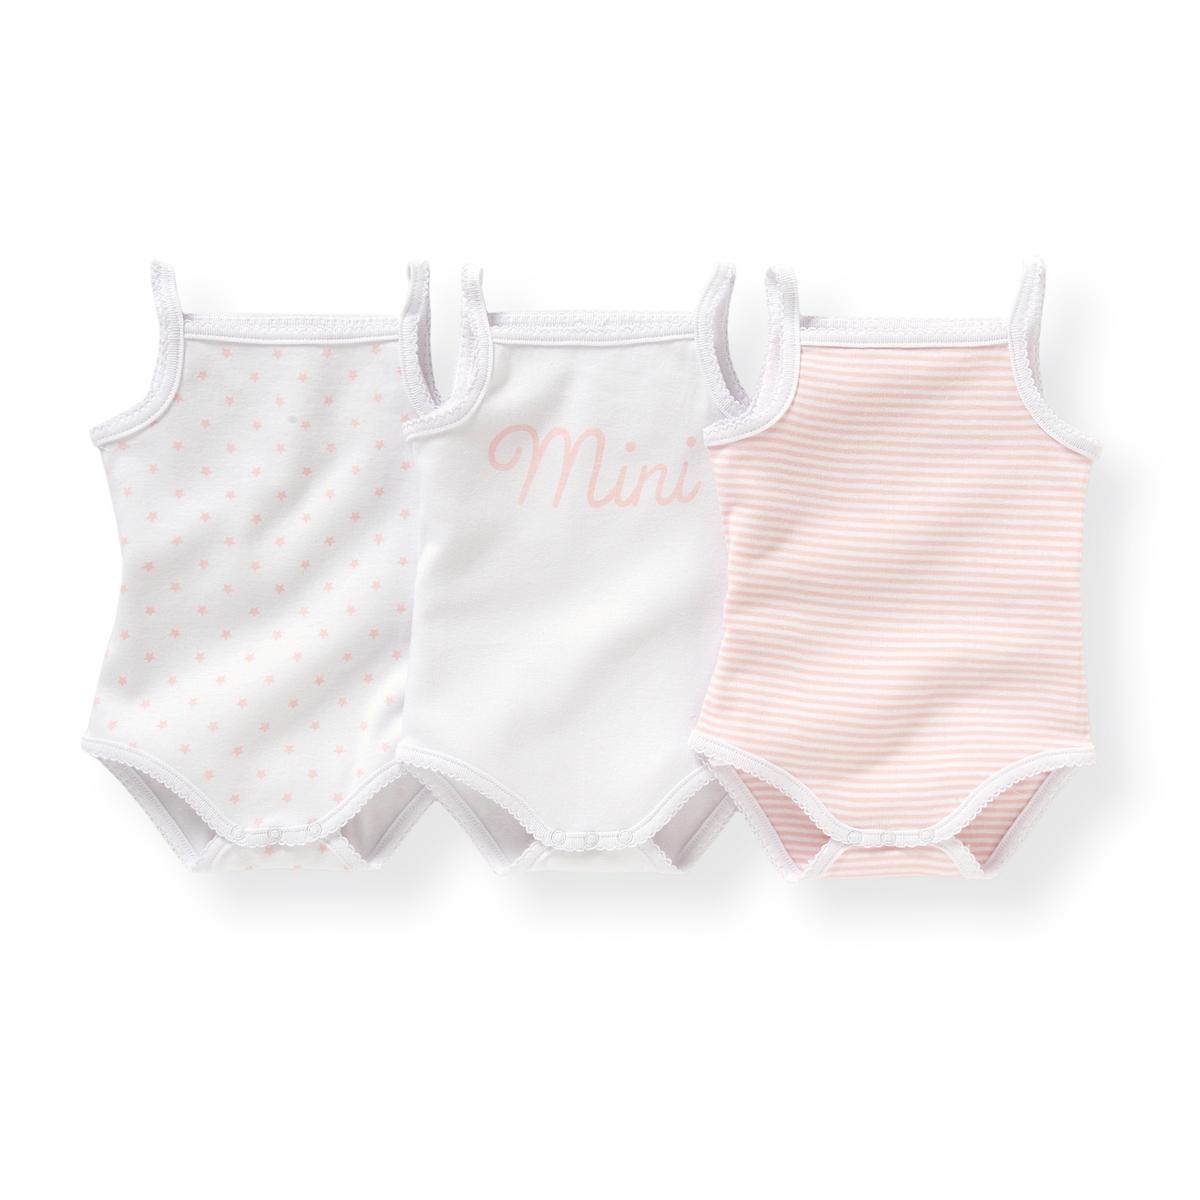 Комплект из хлопковых боди для малышейДетали  •  Рисунок-принт  •  Для новорожденных •  Тонкие бретели  •  ХлопокСостав и уход  •  100% хлопок •  Температура стирки 40° •  Сухая чистка и отбеливание запрещены   •  Машинная сушка на деликатном режиме •  Низкая температура глажки<br><br>Цвет: Белый + розовая полоска + рисунок<br>Размер: 3 года - 94 см